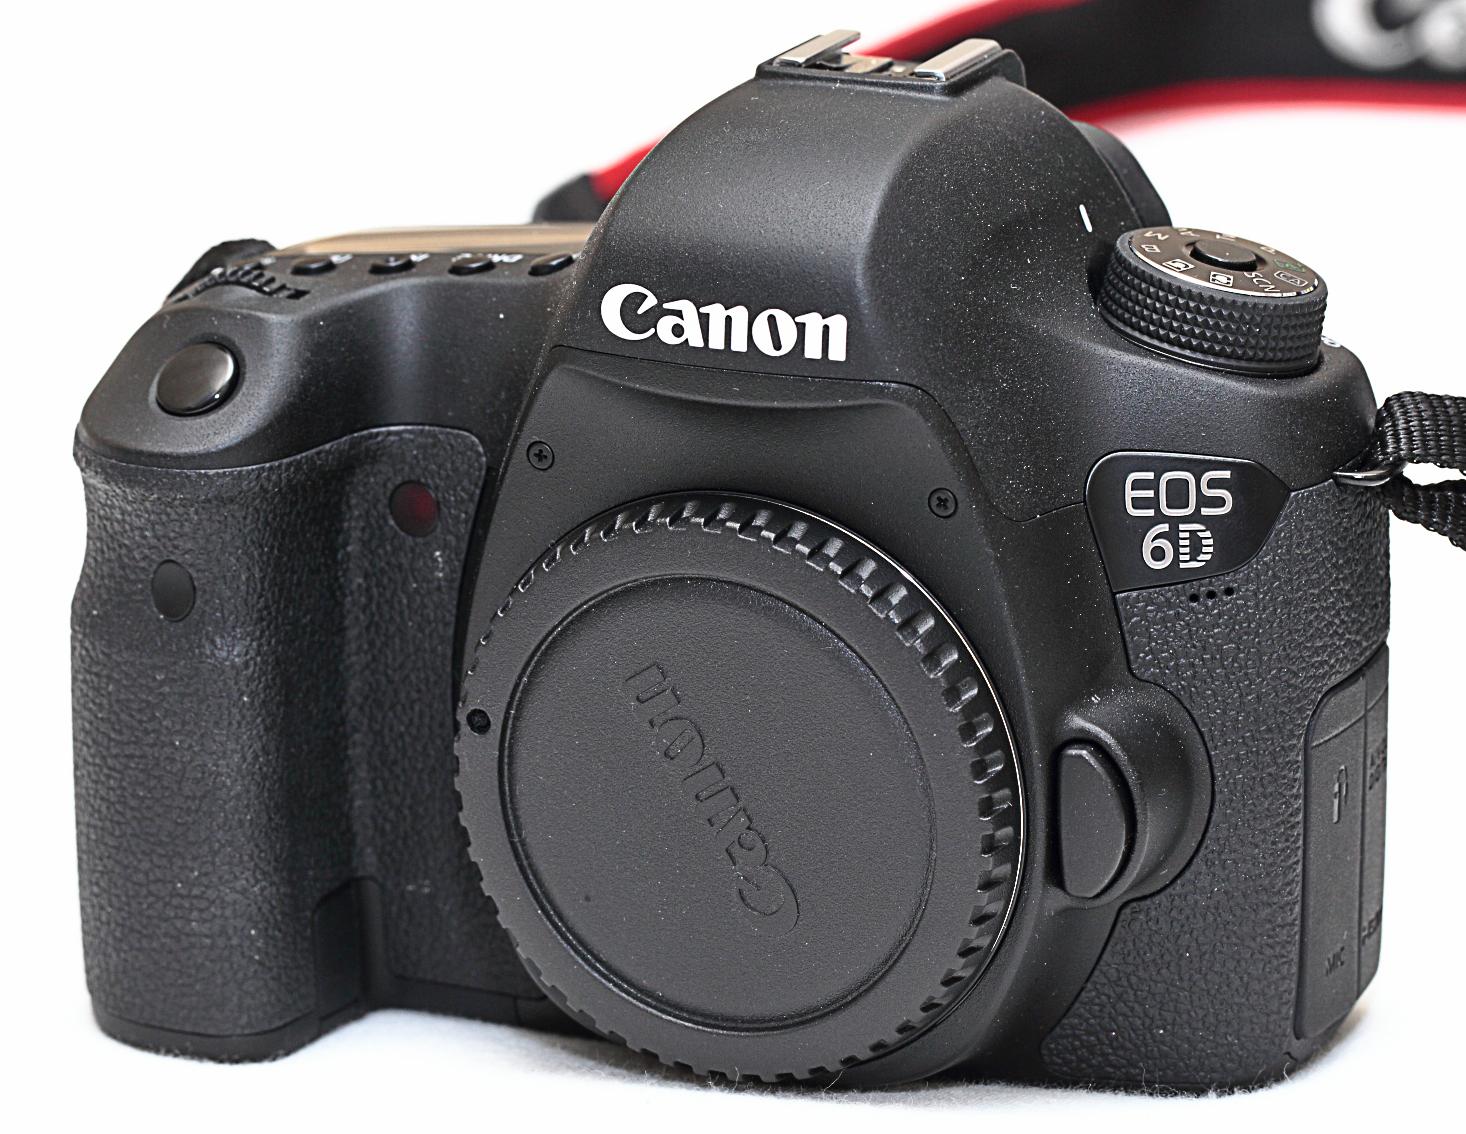 Canon EOS 6D - Wikipedia